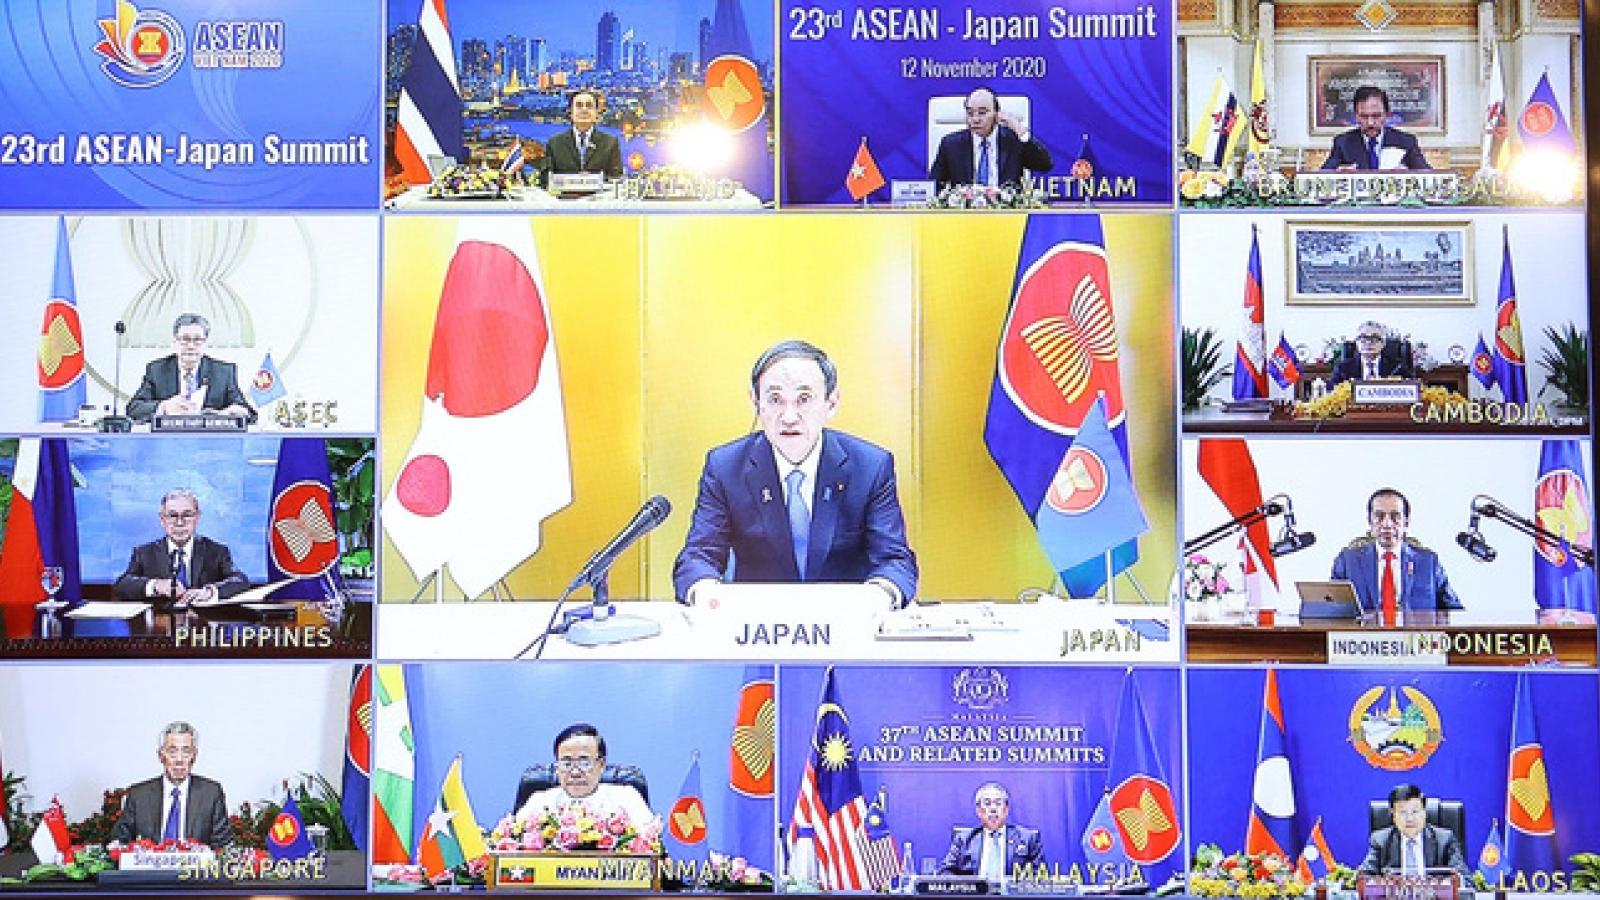 Nhật Bản khẳng định coi trọng quan hệ đối tác chiến lược với ASEAN